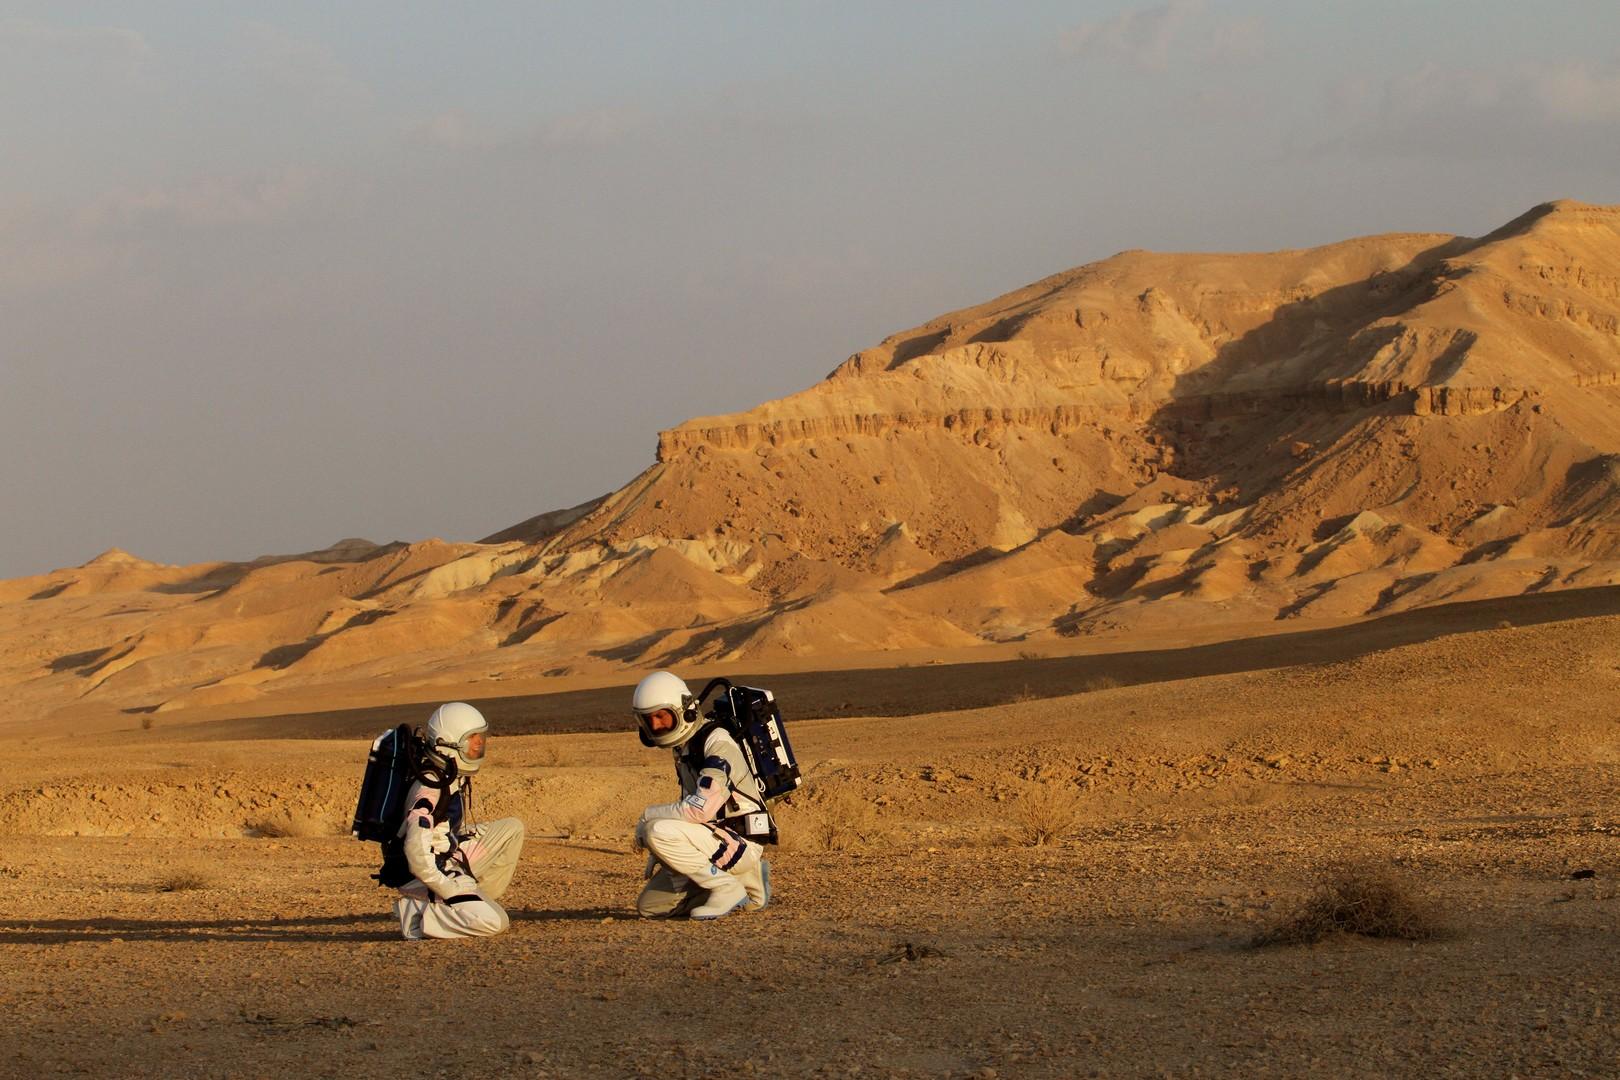 Israelische Forscher simulieren in der Wüste Leben auf dem Mars [FOTOS]